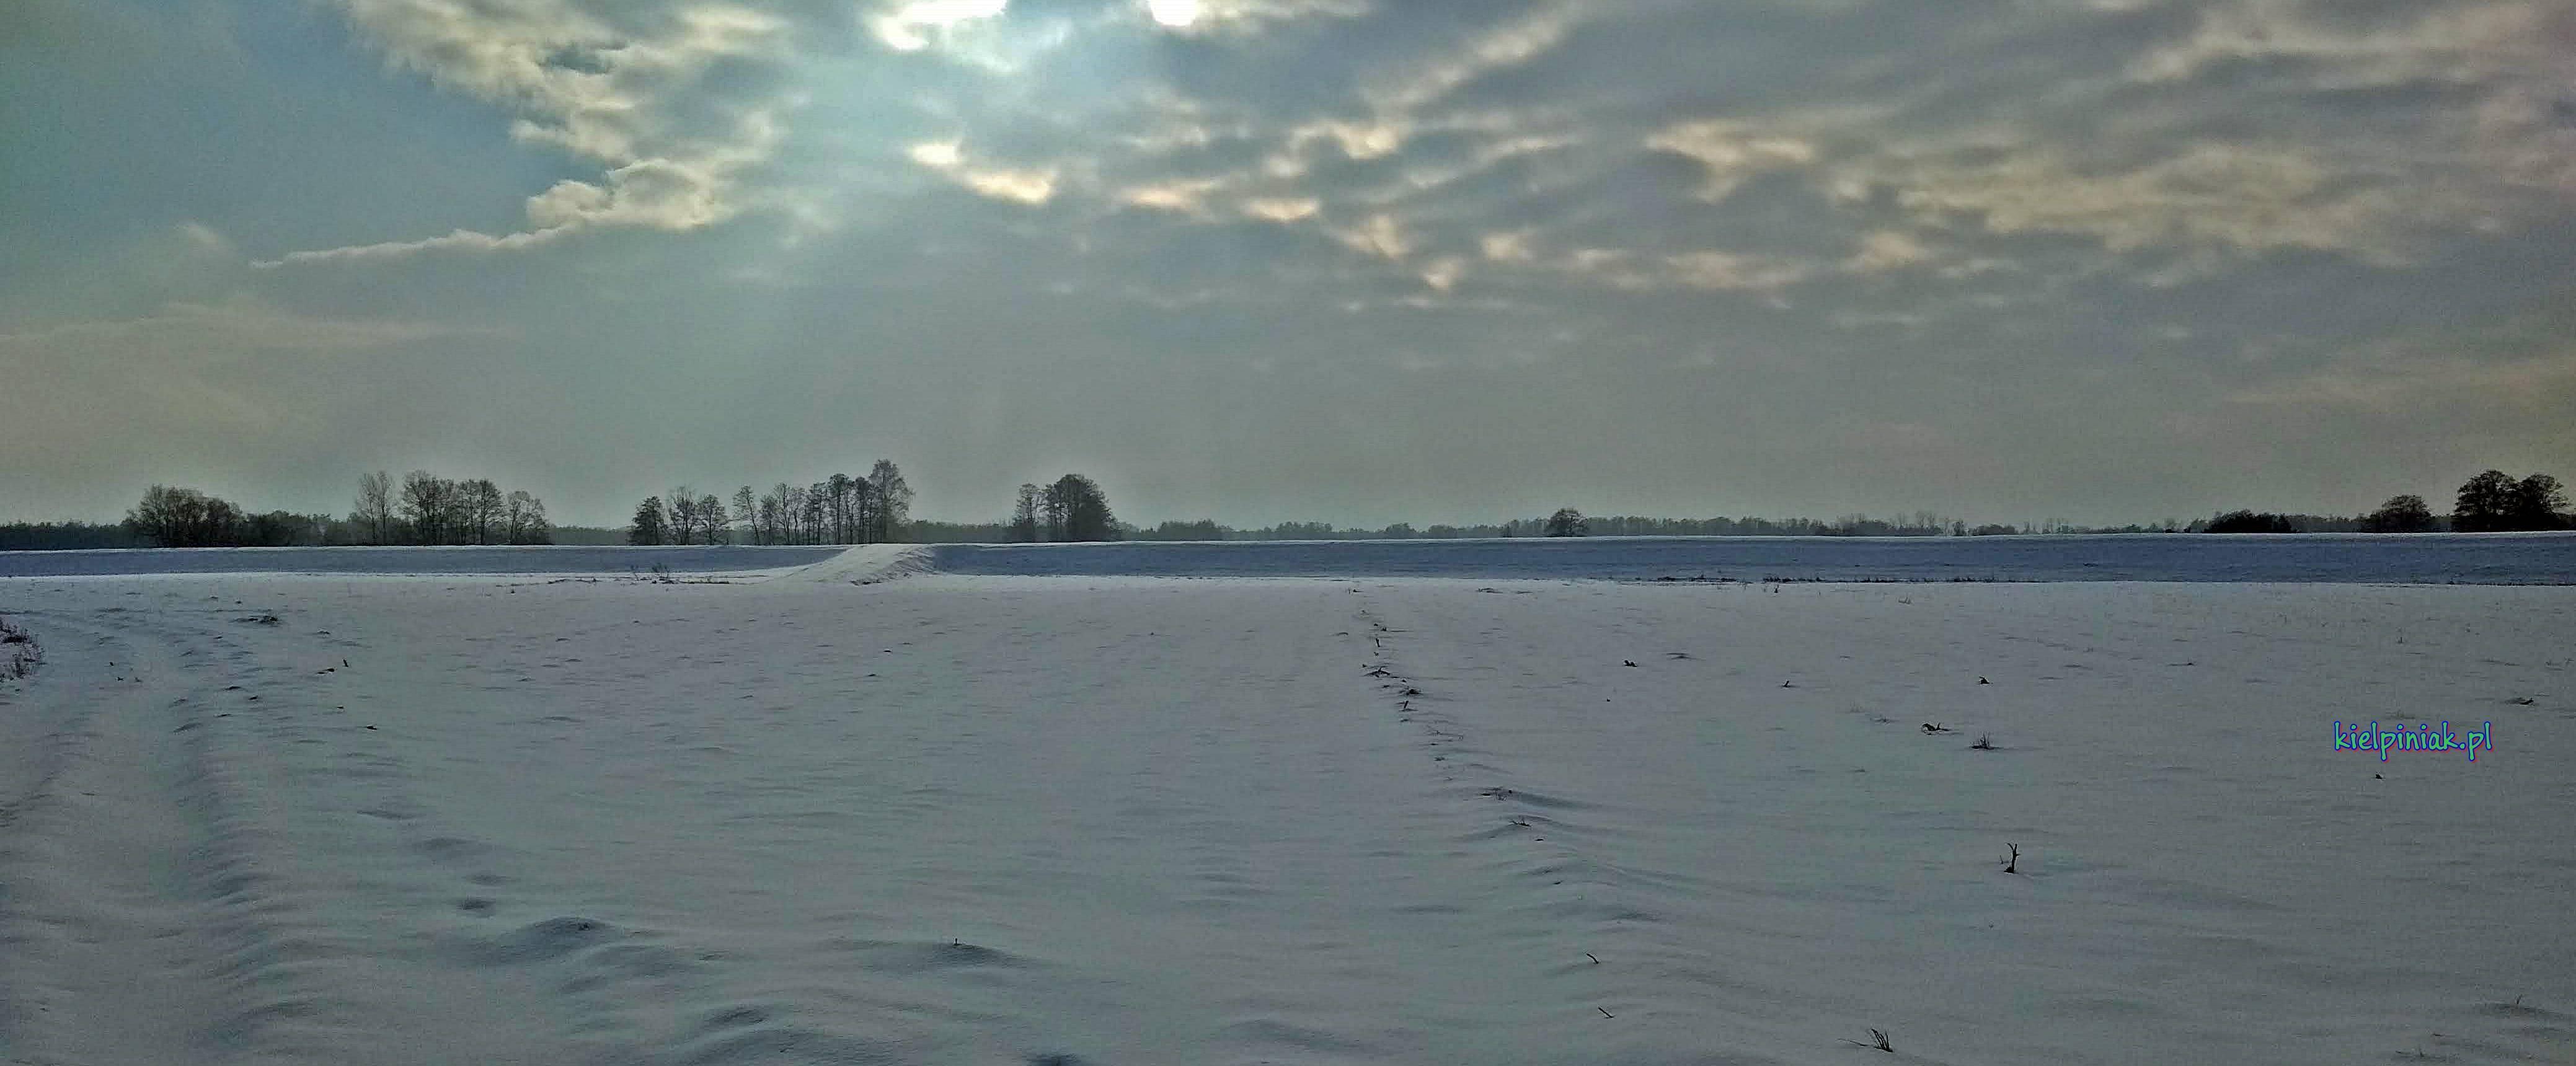 Nad Bugiem, widok na wal w okolicy wsi Kiełpiniec zima 2019